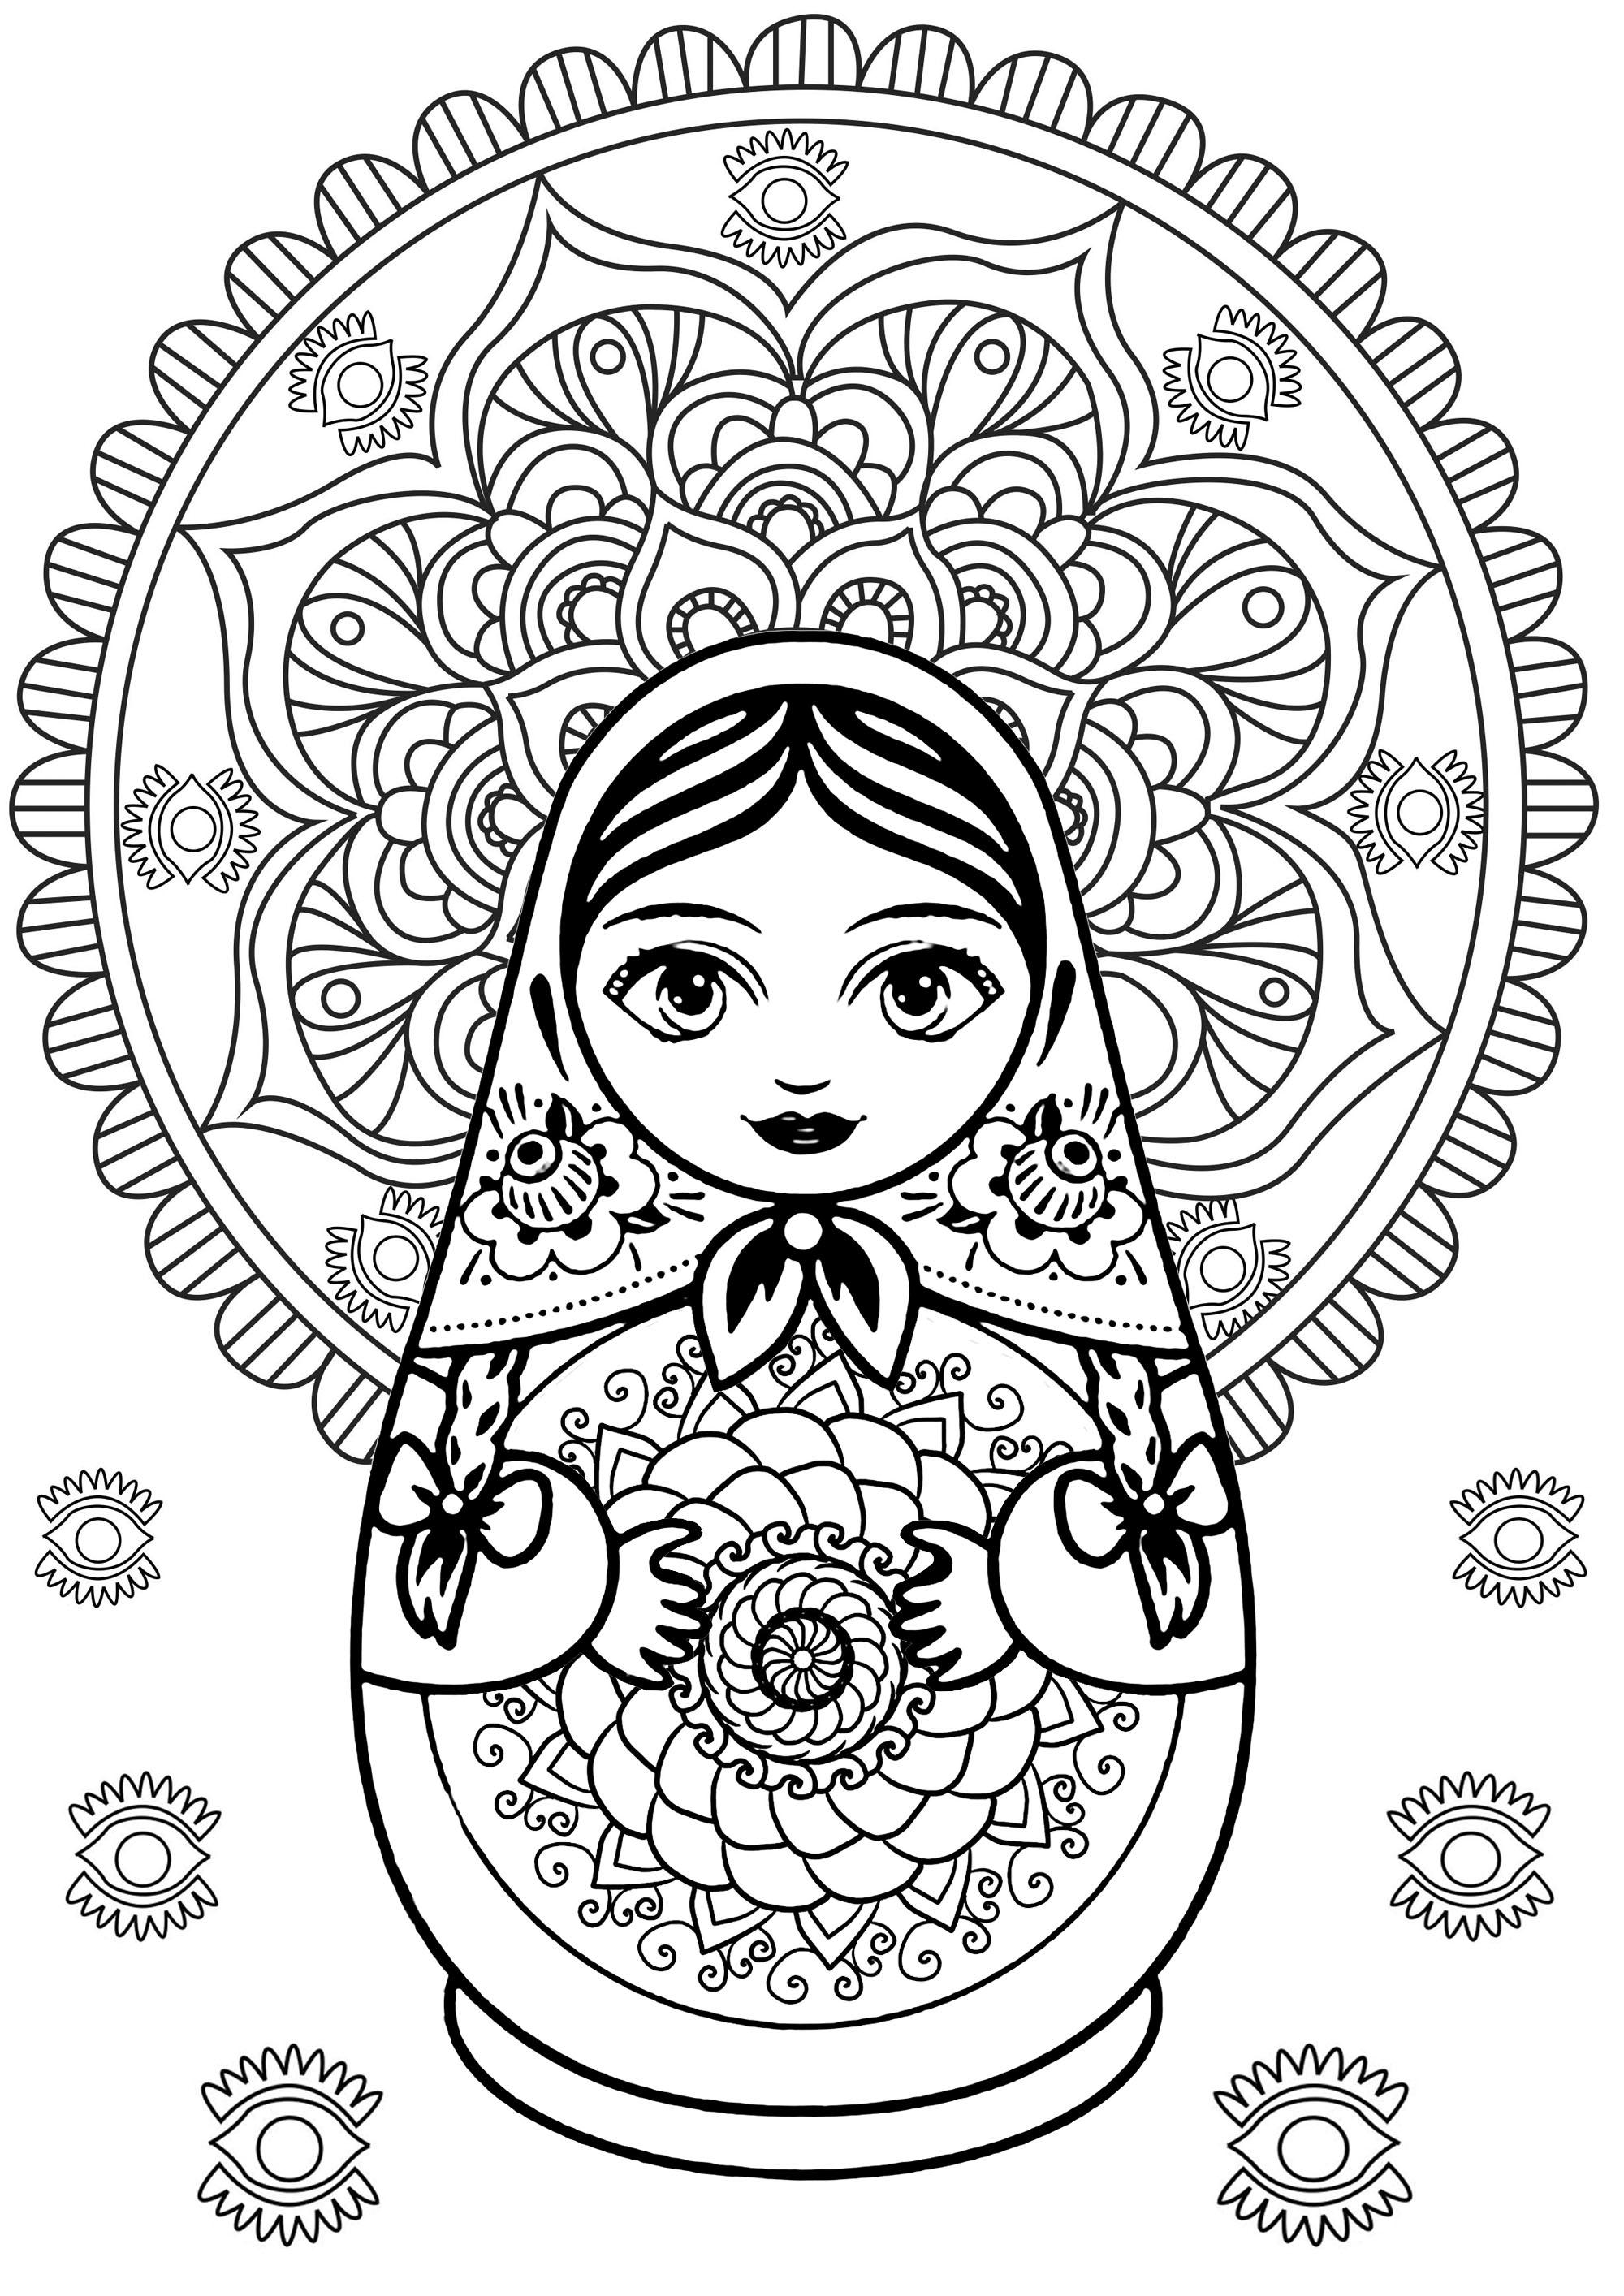 Disegni da Colorare per Adulti : Bambole russe - 1